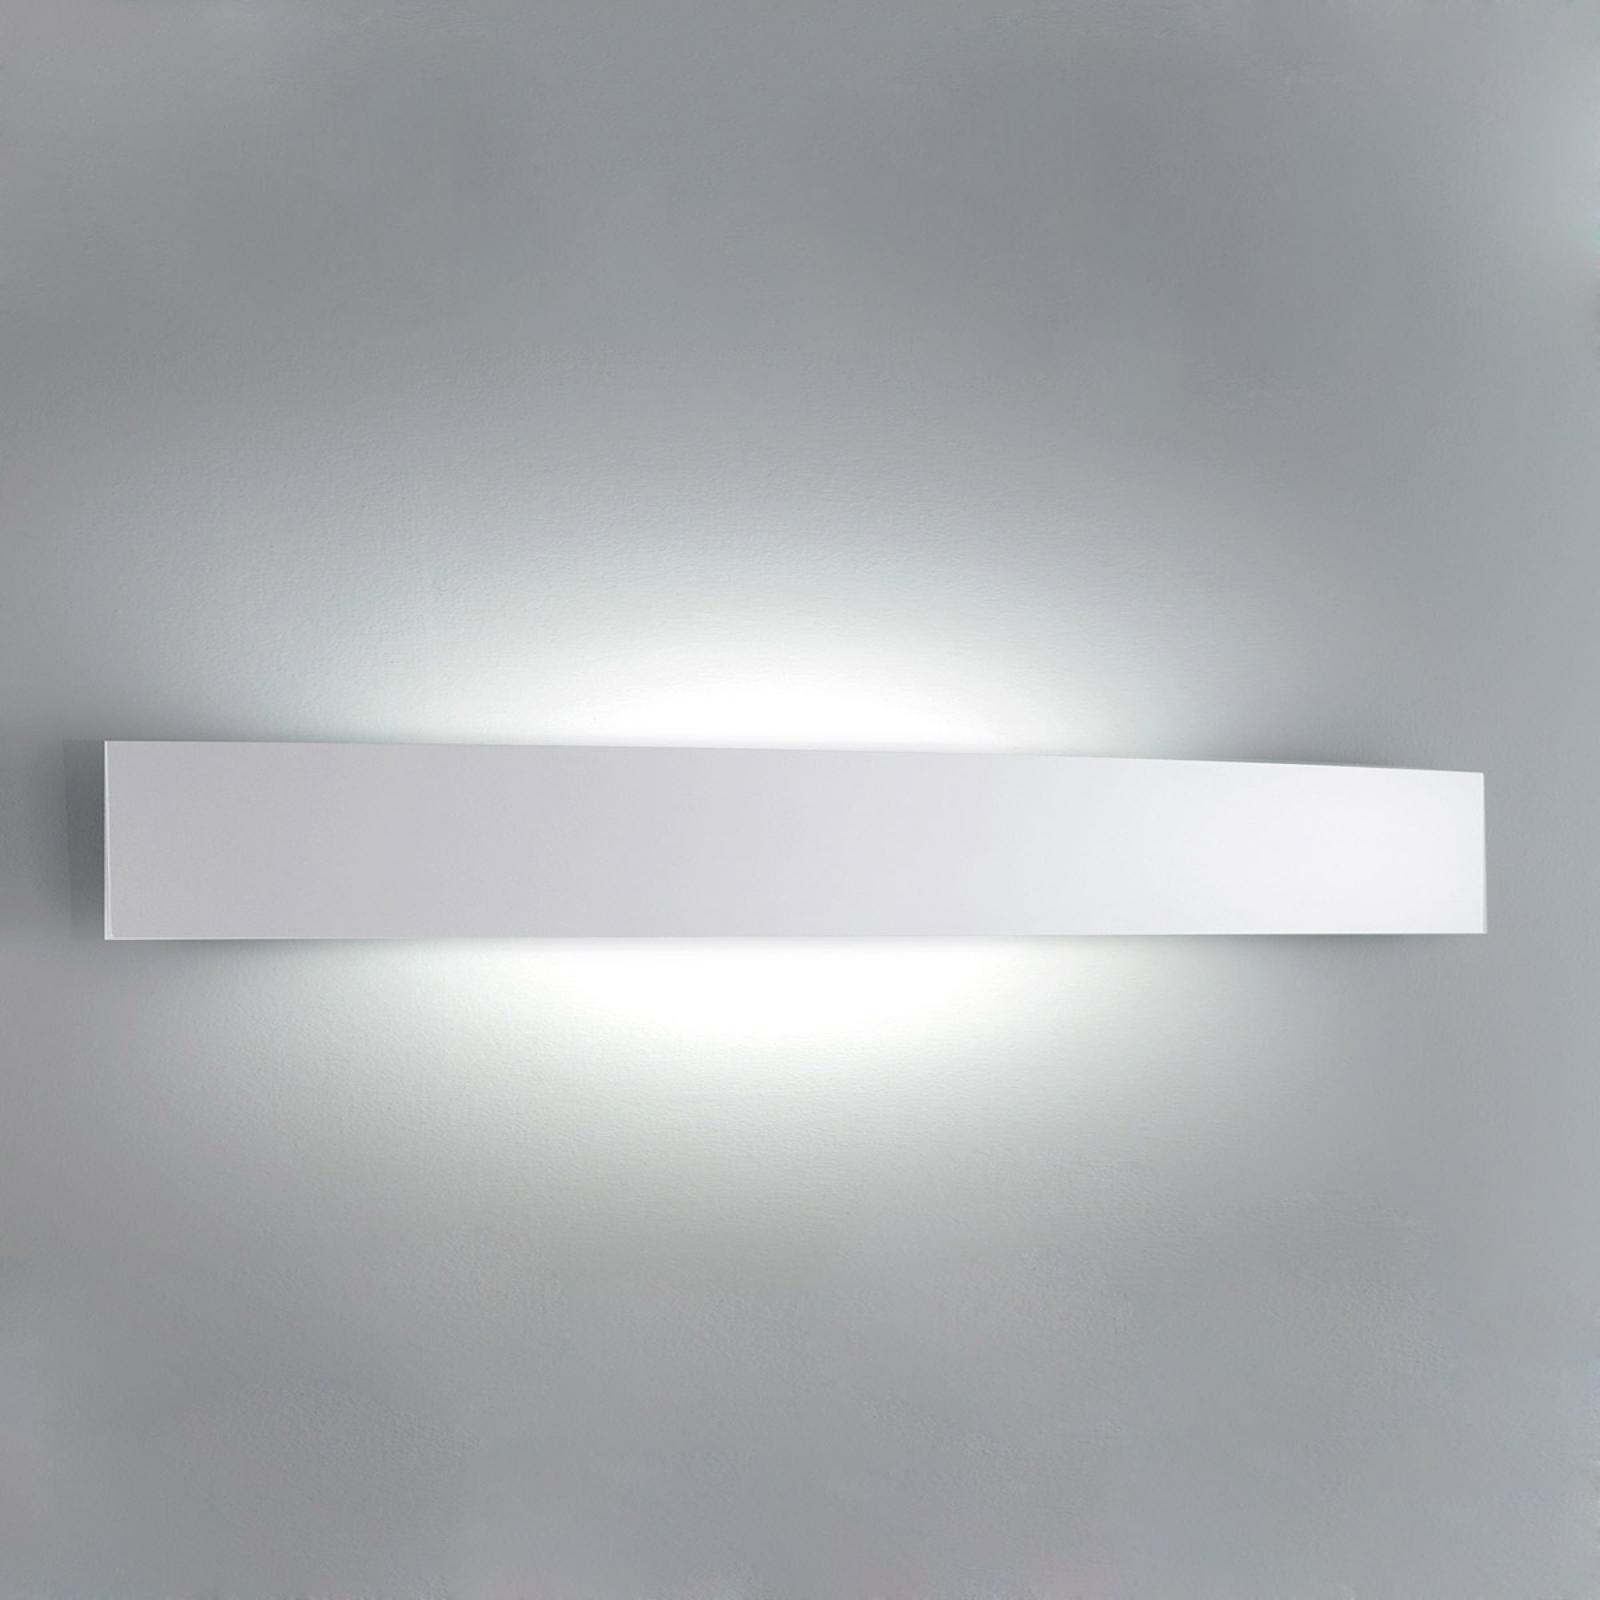 Estetica applique RIGA, 56 cm bianca